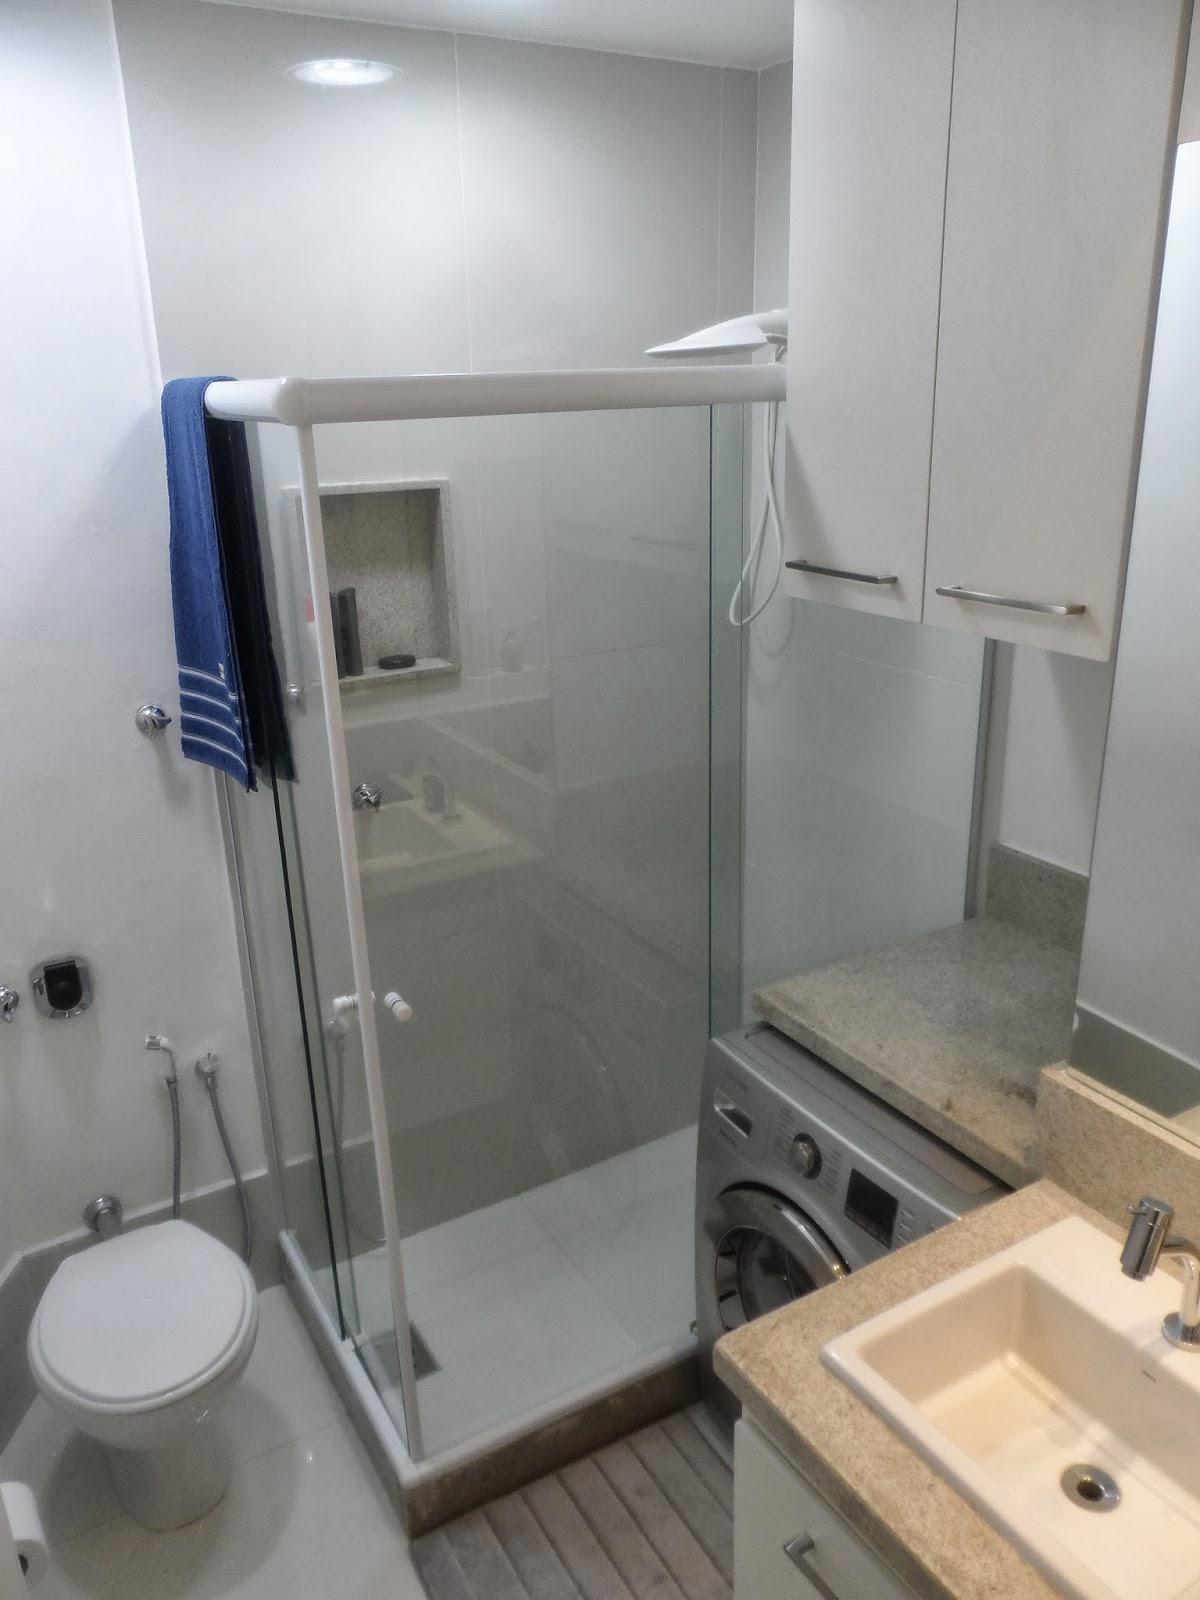 http://2.bp.blogspot.com/ ReginaSegura. arquitetura: Apto 27m² em  #30416C 1200 1600